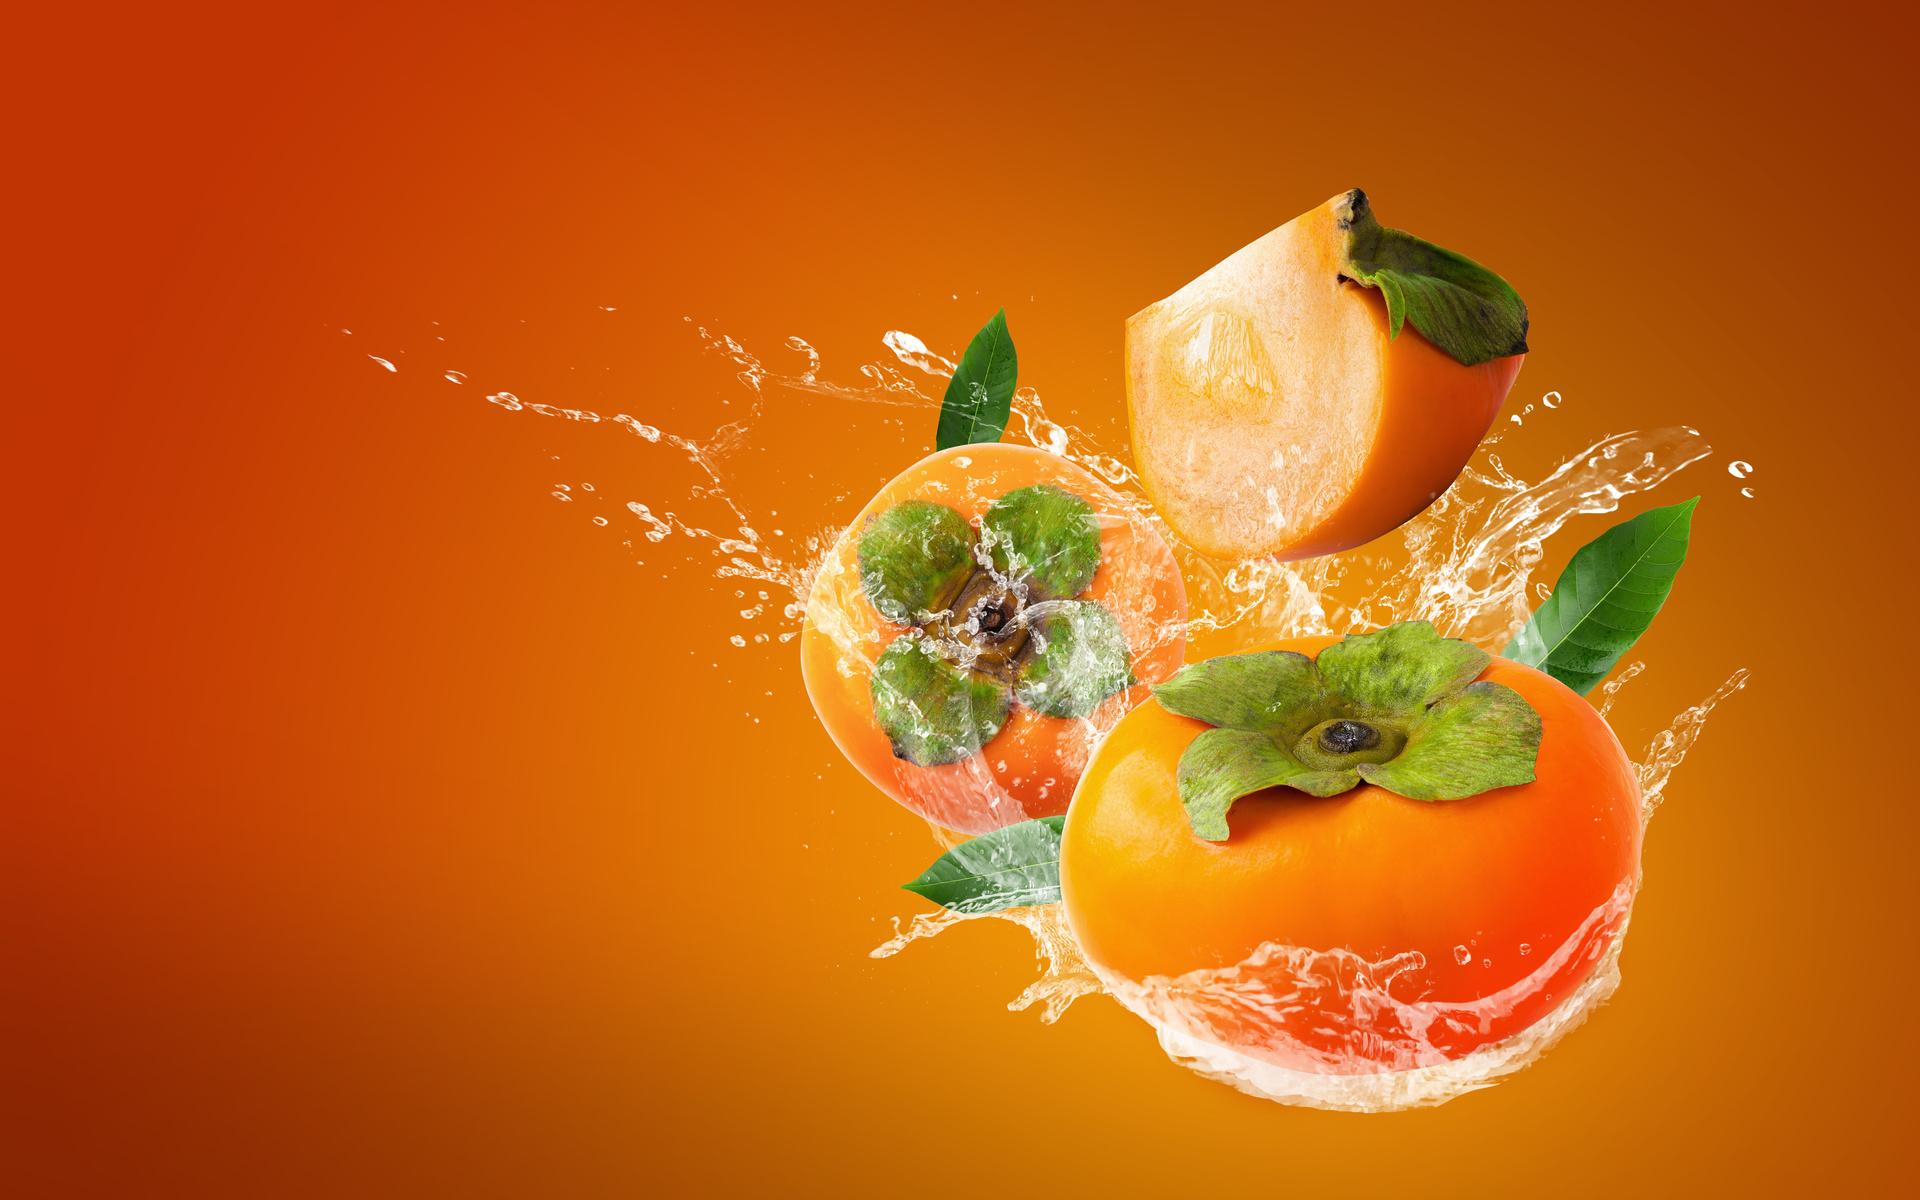 вода, брызги, всплеск, оранжевый, фон, листья, хурма